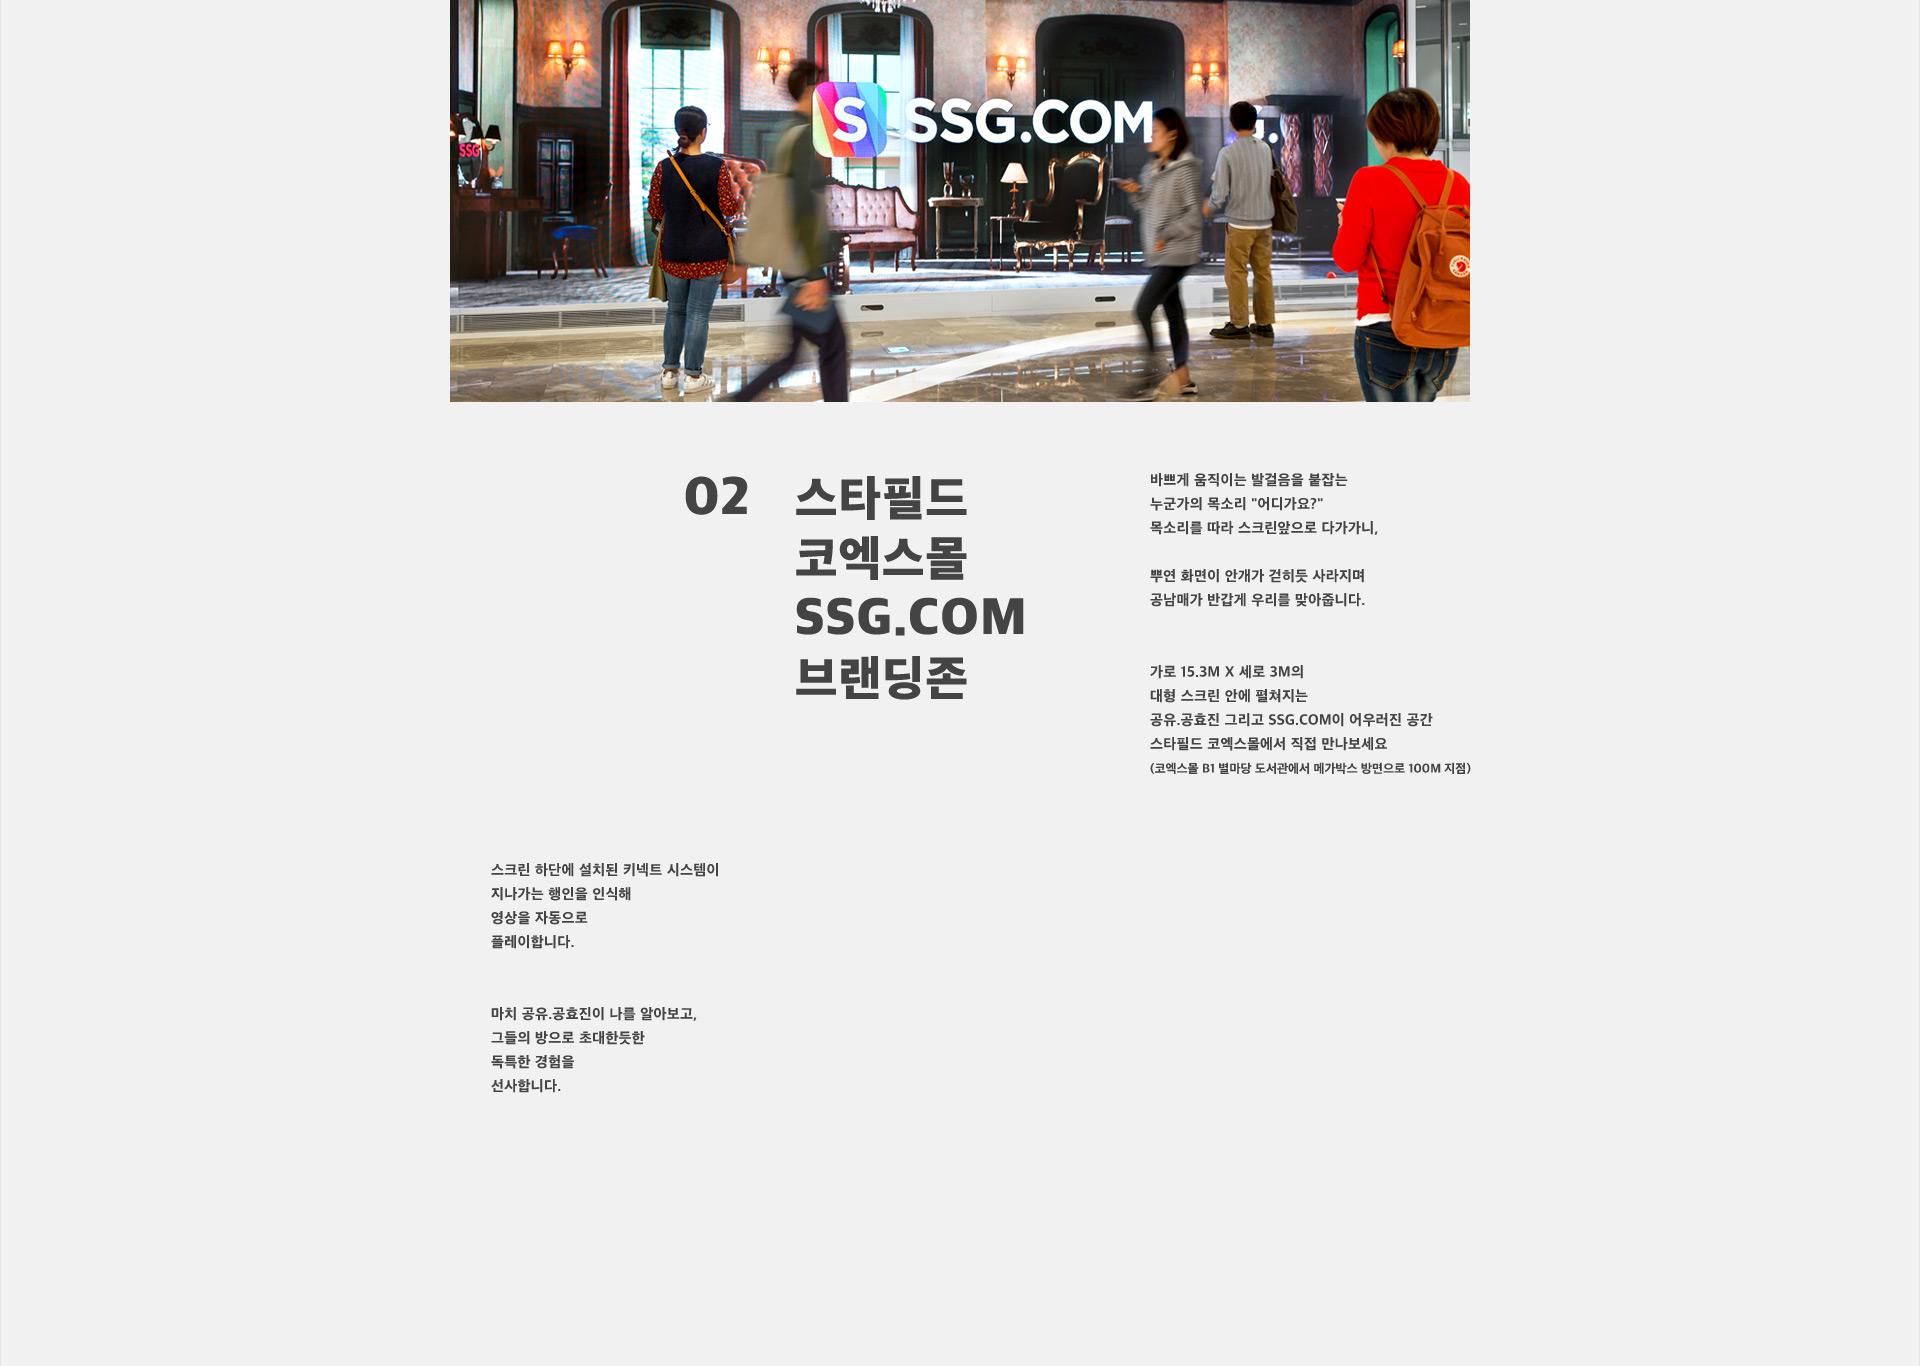 02. 스타필드 코엑스몰 SSG.COM 브랜딩존, 상세내용 다음 참조